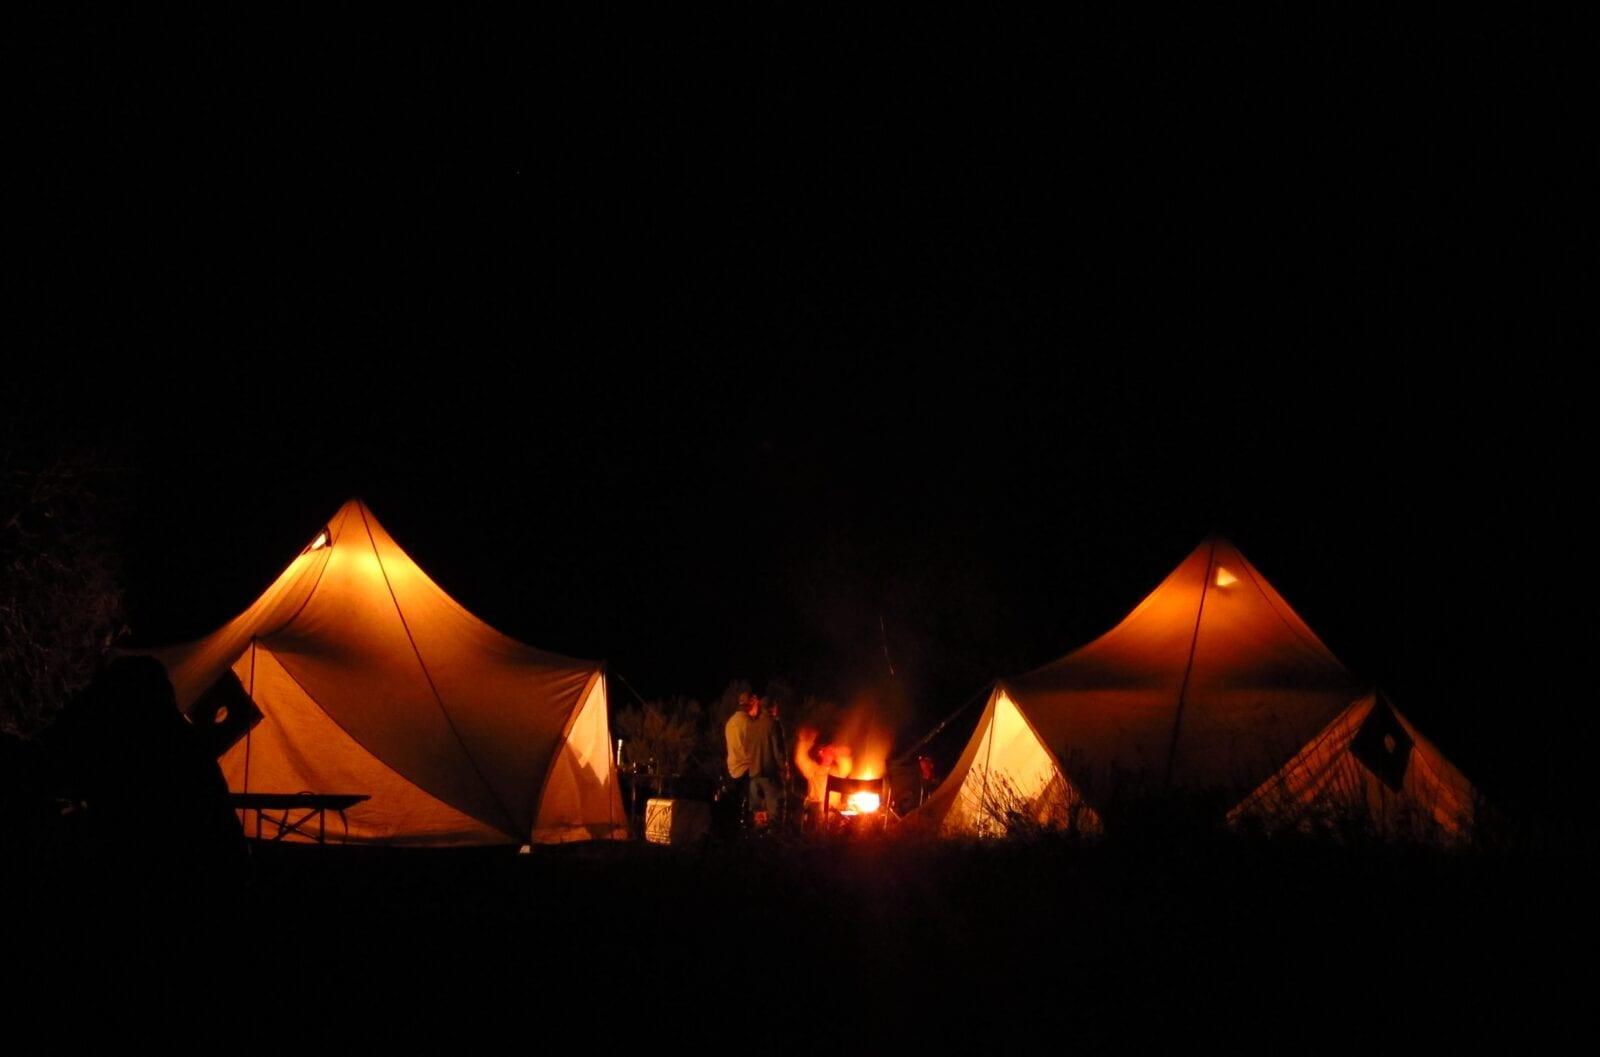 Steelhead Camp